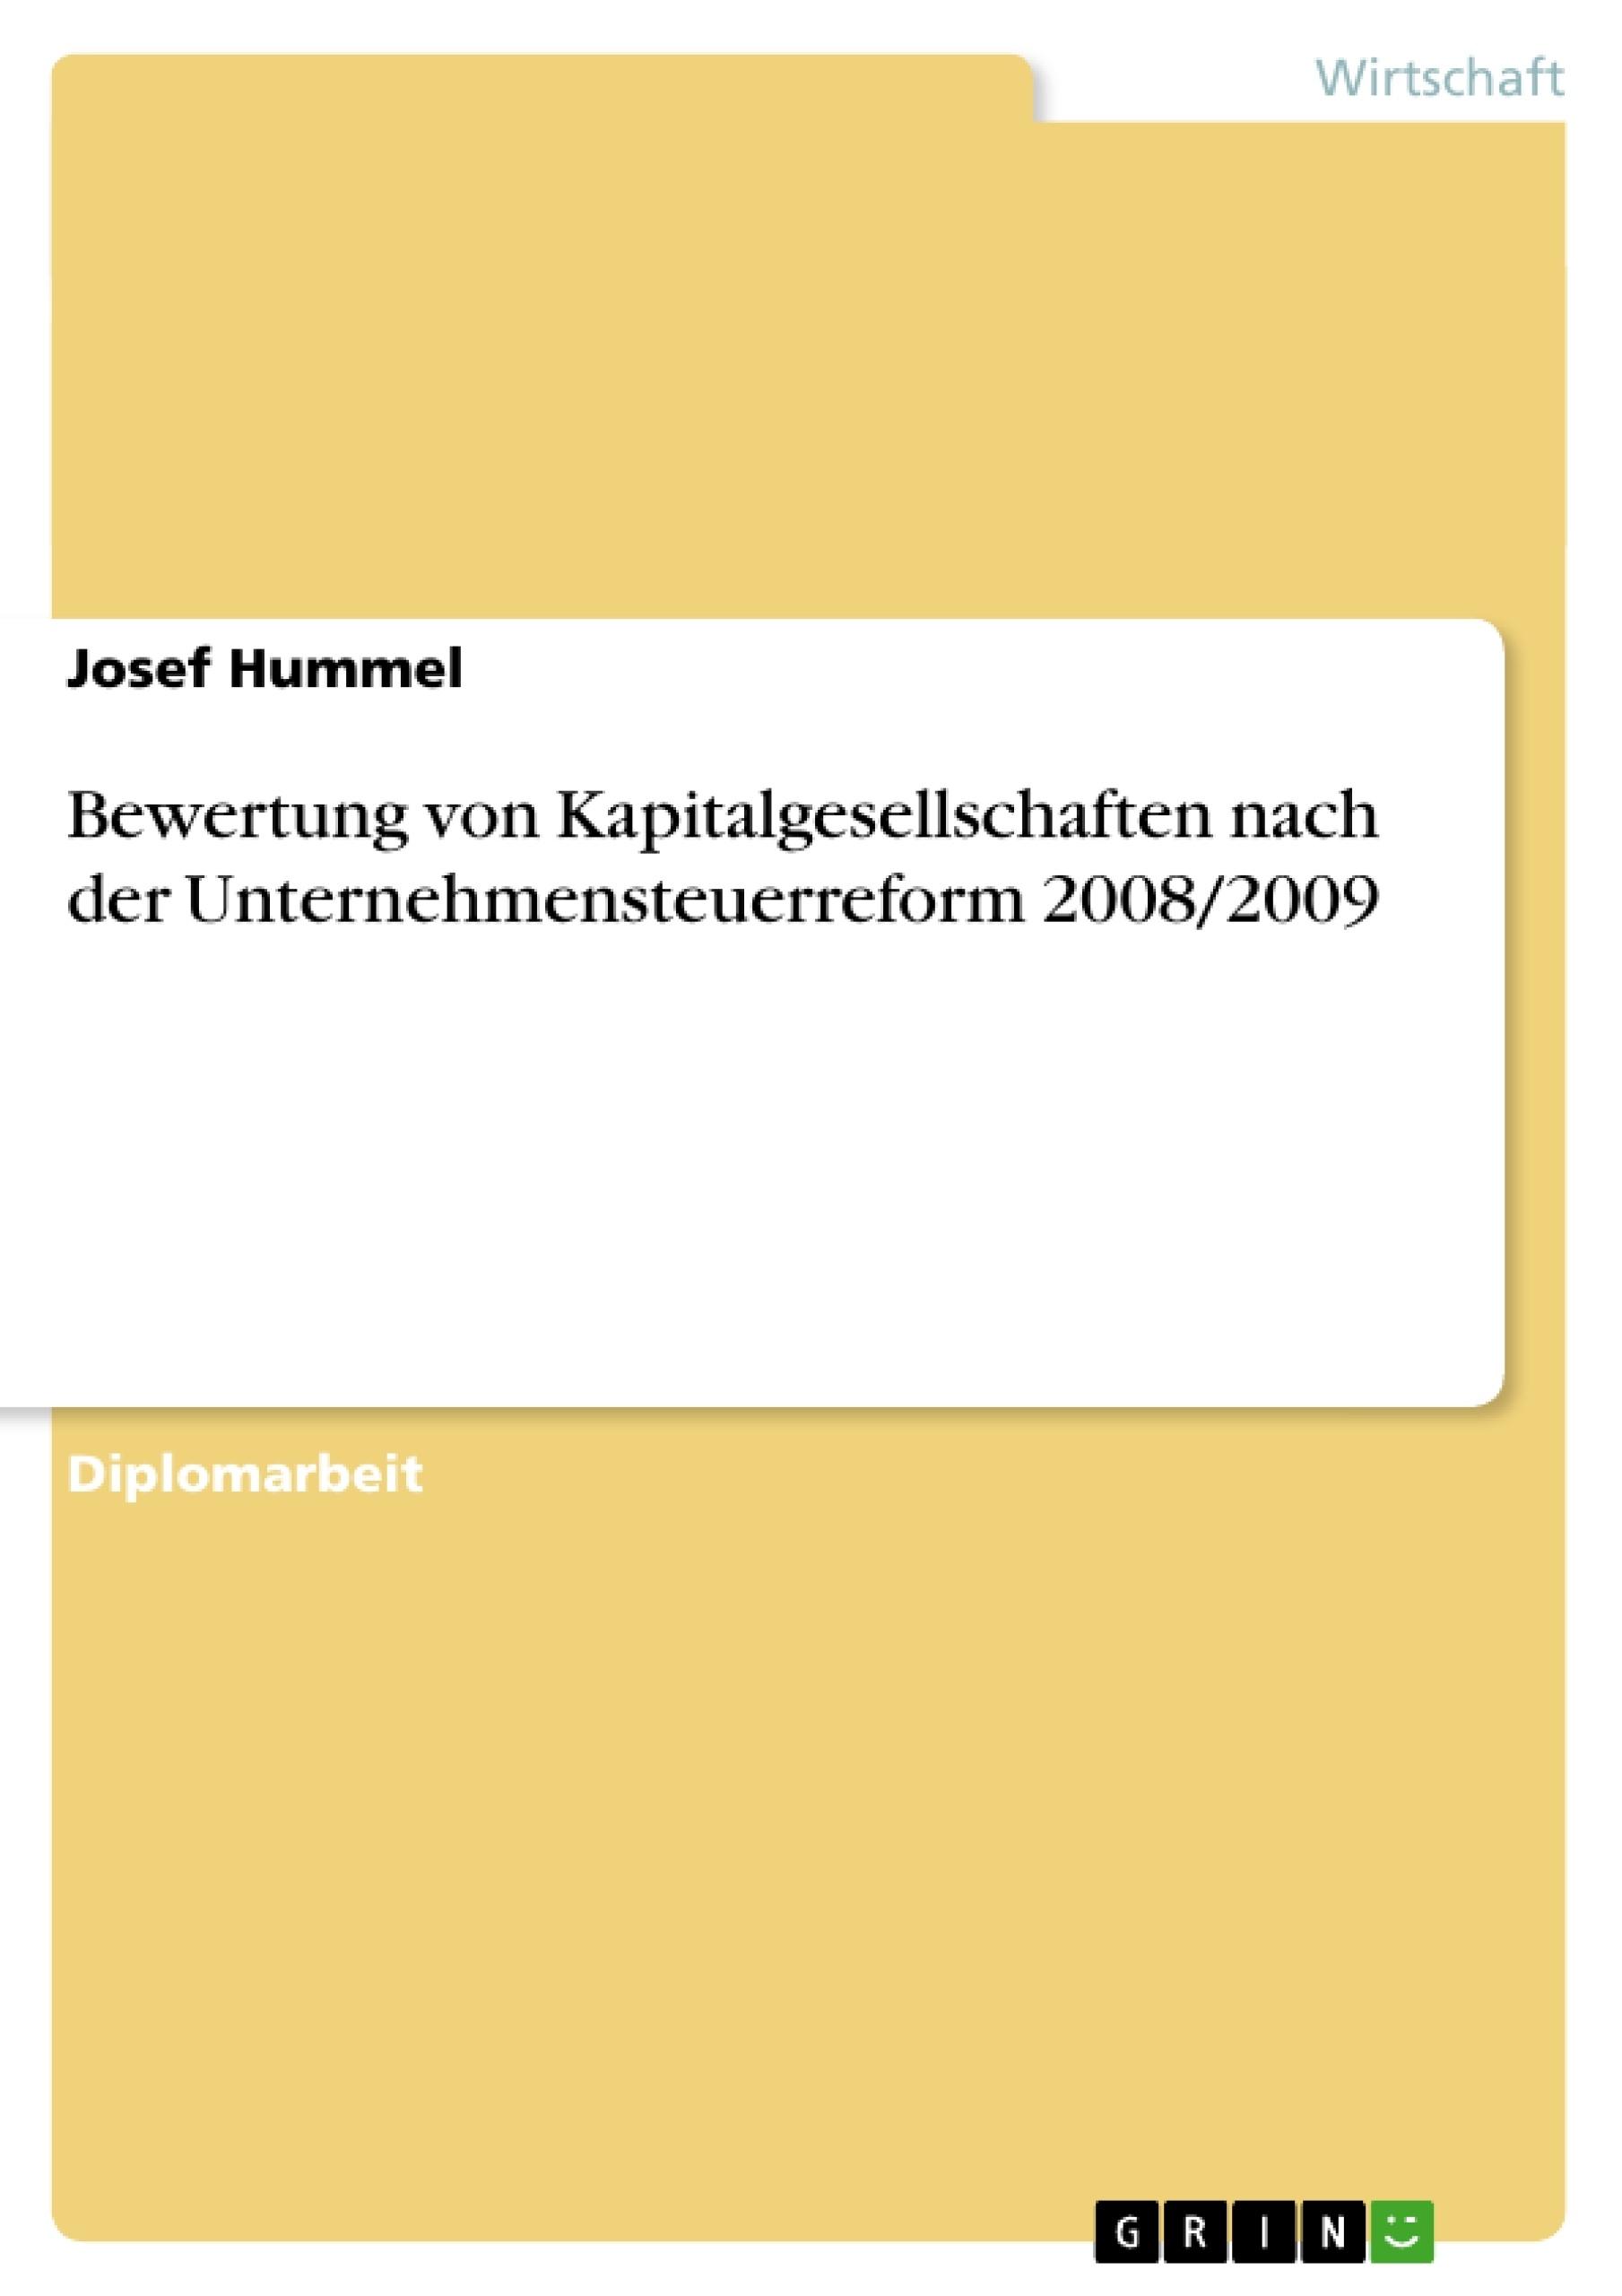 Titel: Bewertung von Kapitalgesellschaften nach der Unternehmensteuerreform 2008/2009